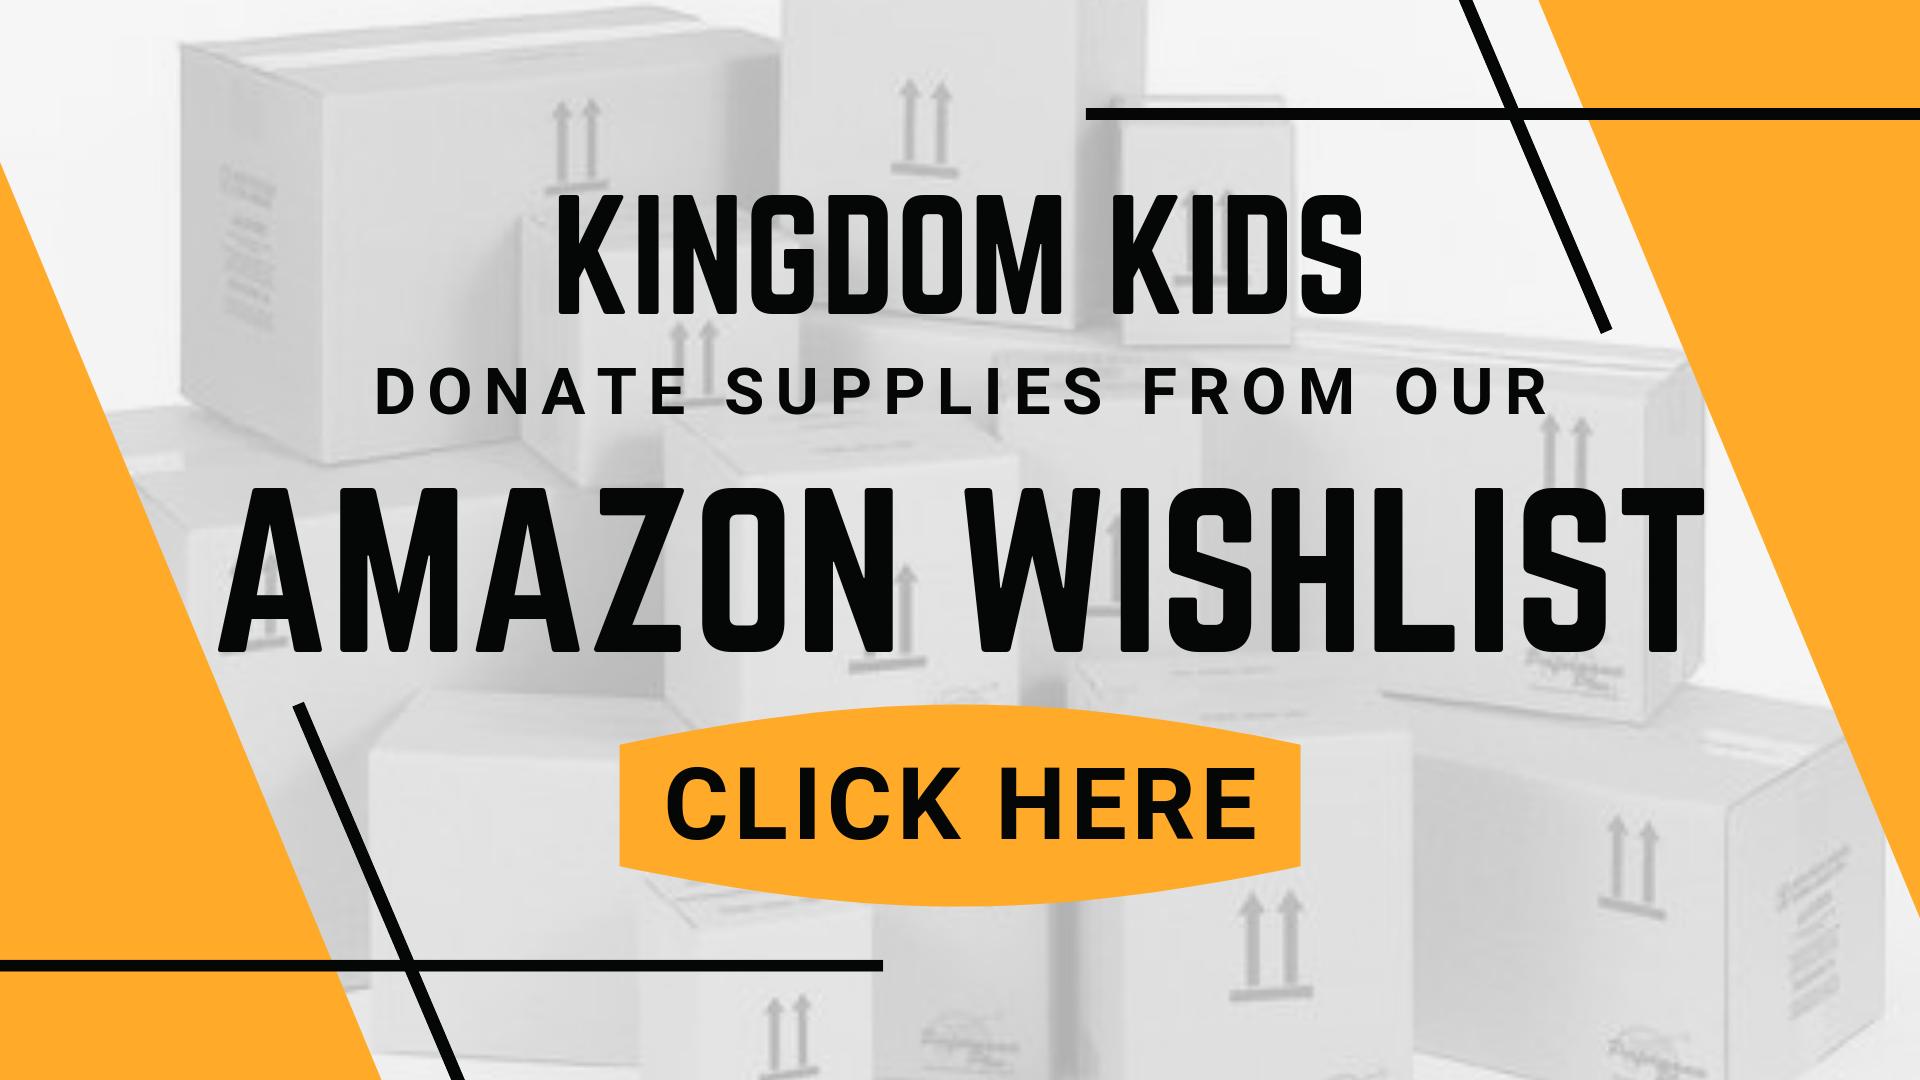 Kingdom Kidz Amazon Wishlist